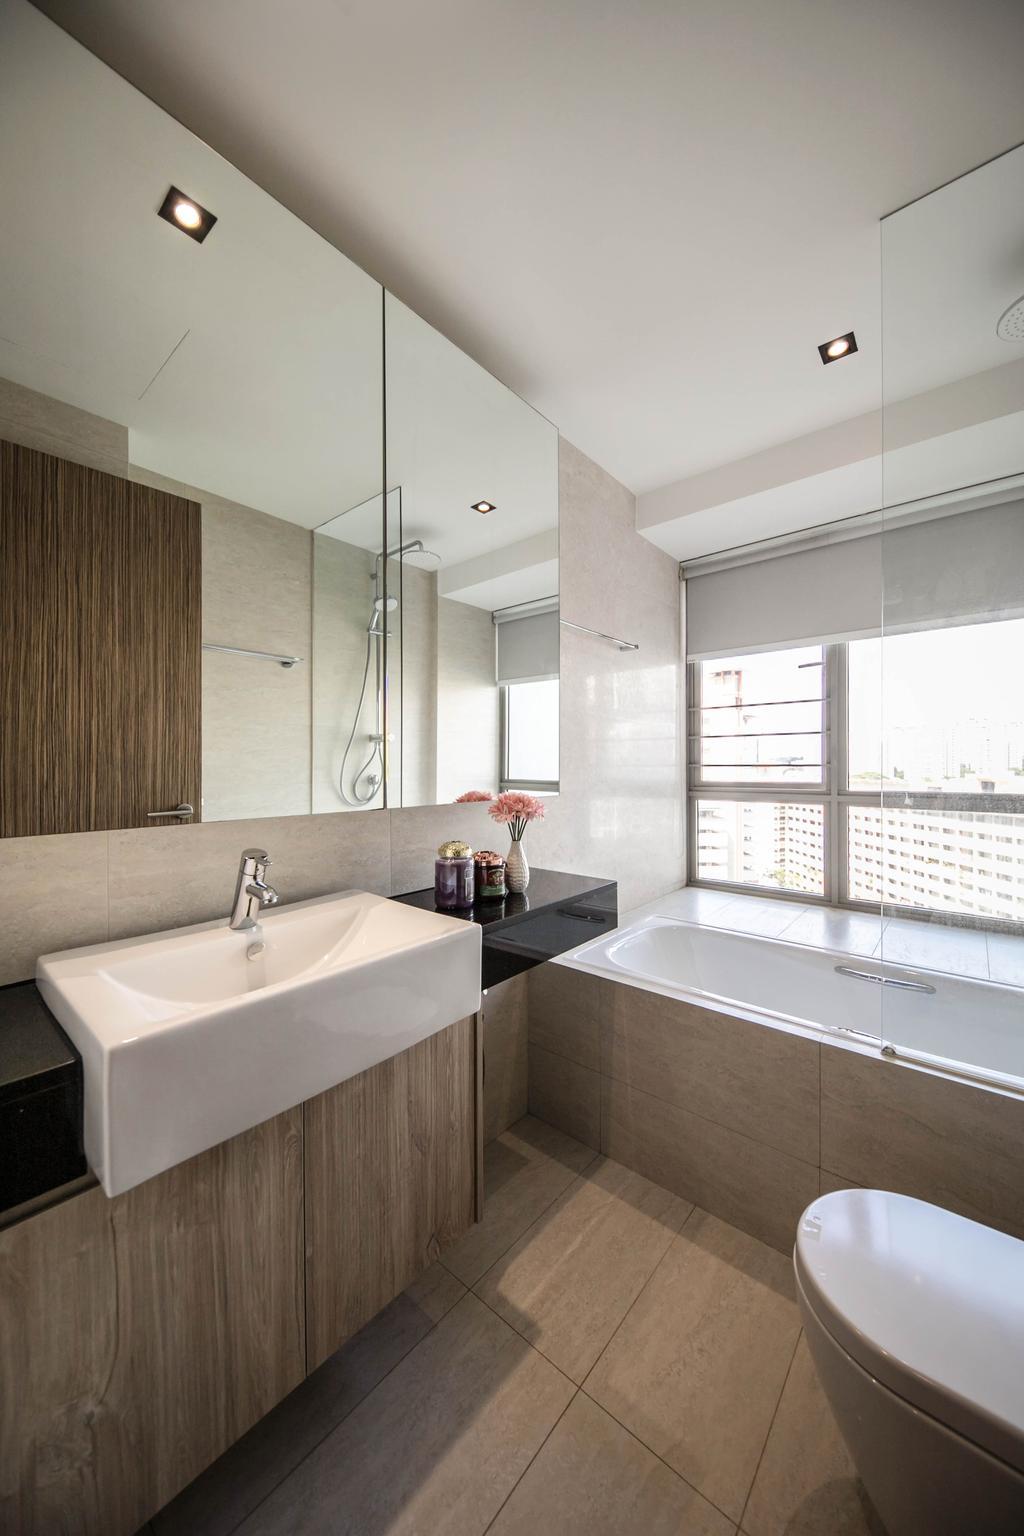 Condo, Bathroom, Trevista, Interior Designer, Space Atelier, Bath Tub, Bathtub